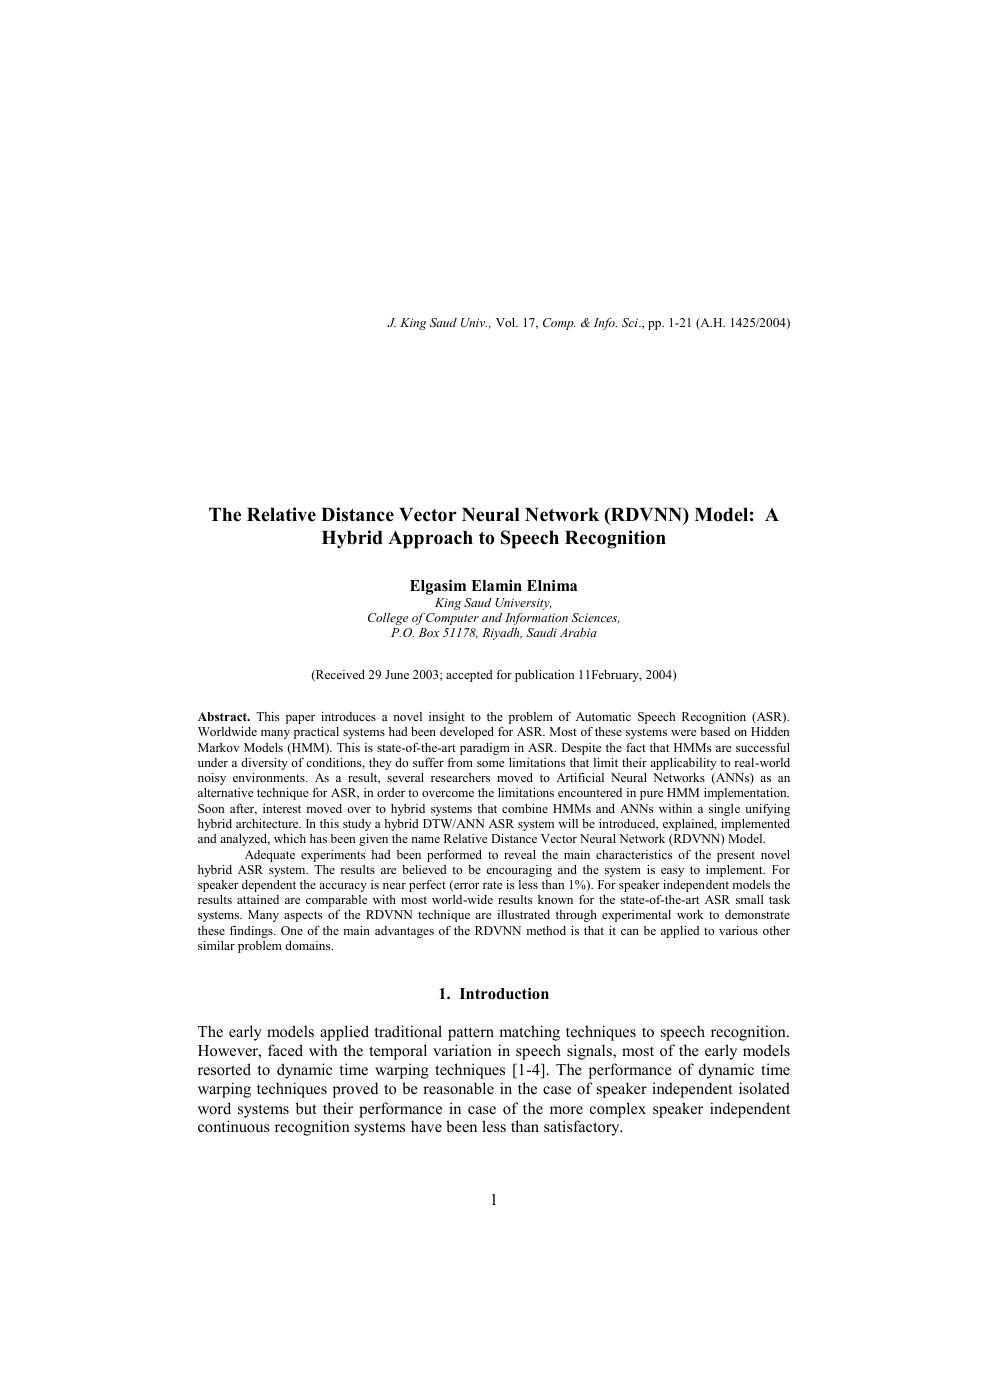 The Relative Distance Vector Neural Network (RDVNN) Model: A